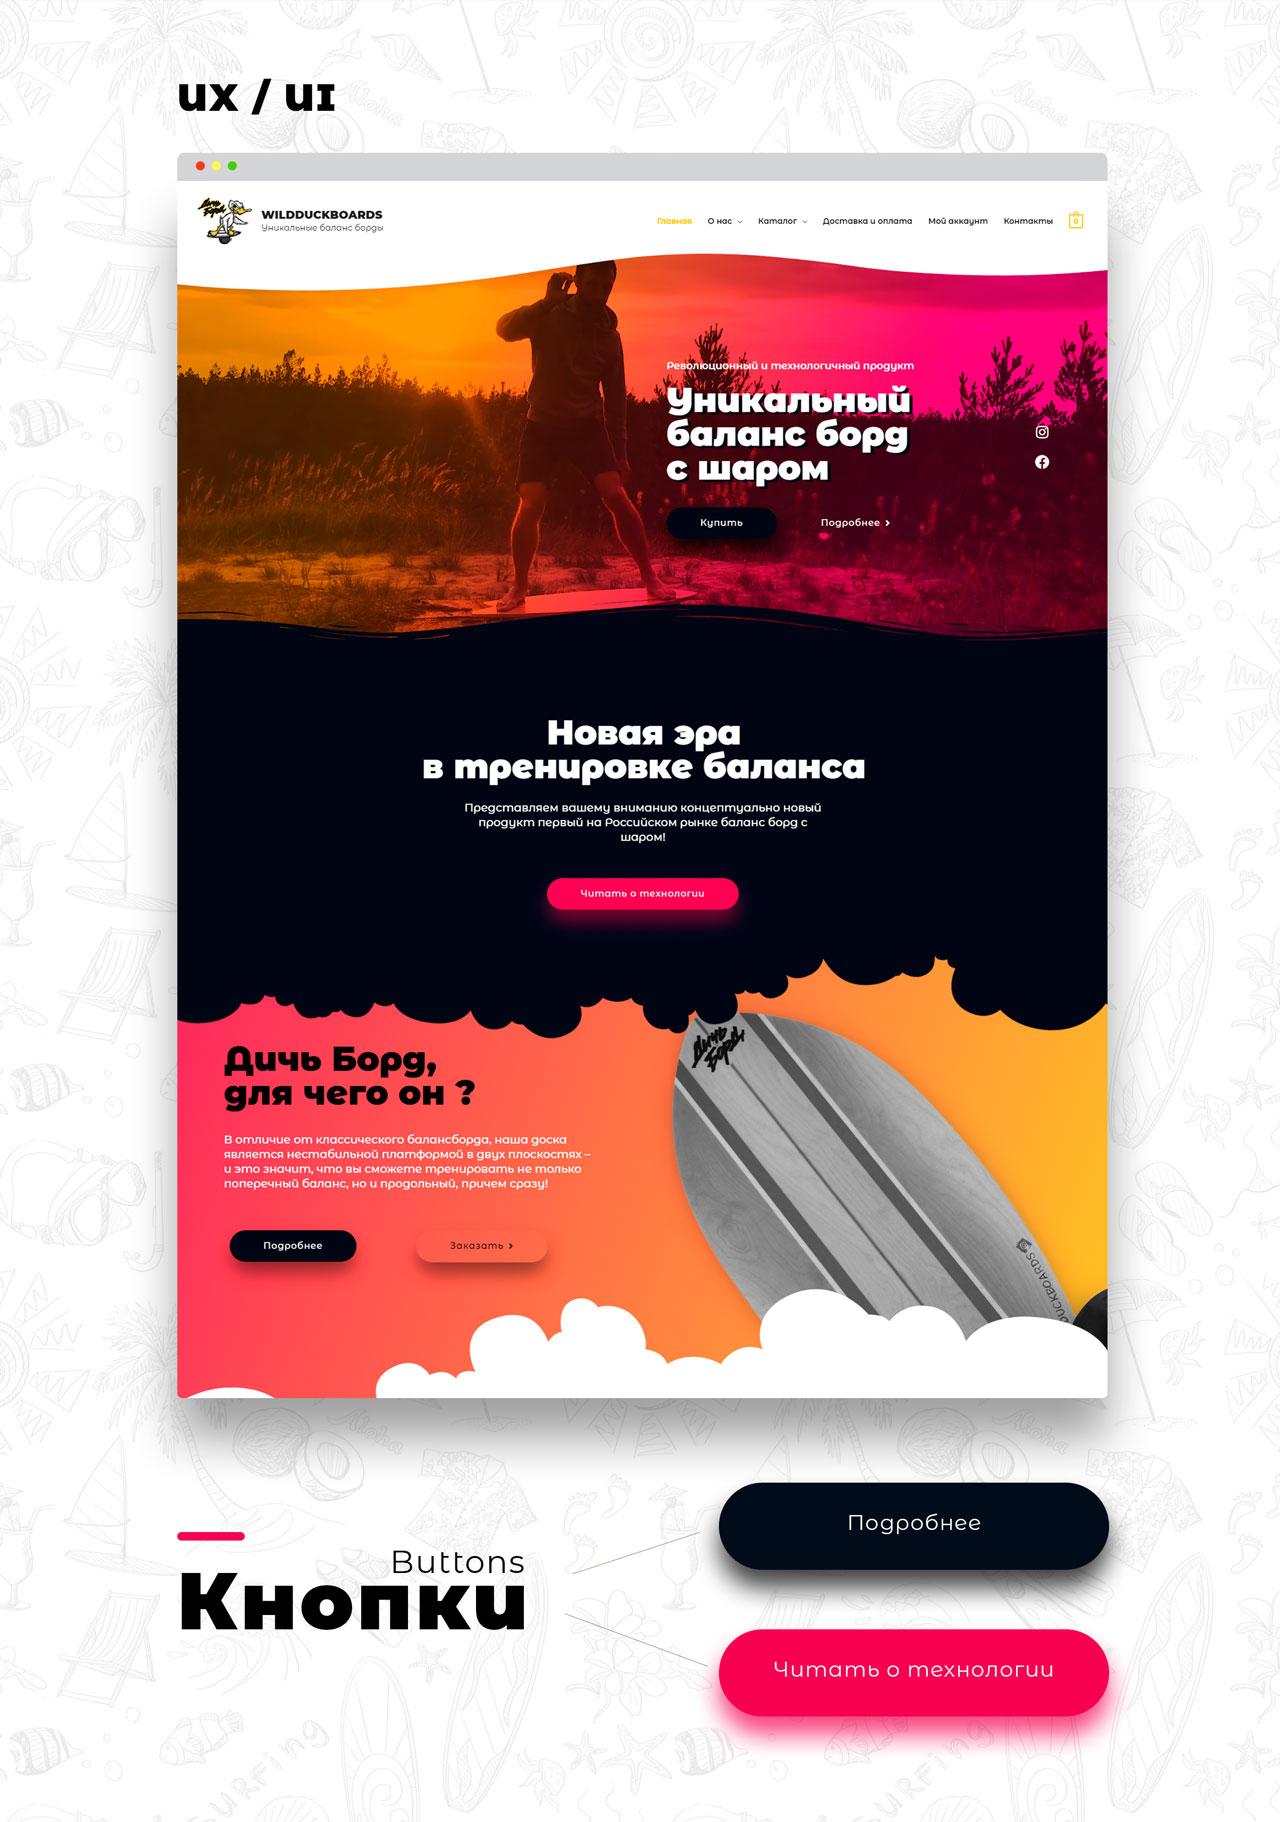 Дизайн-интернет-магазина-willdduckboards-в-студии-Андрея-Мельникова